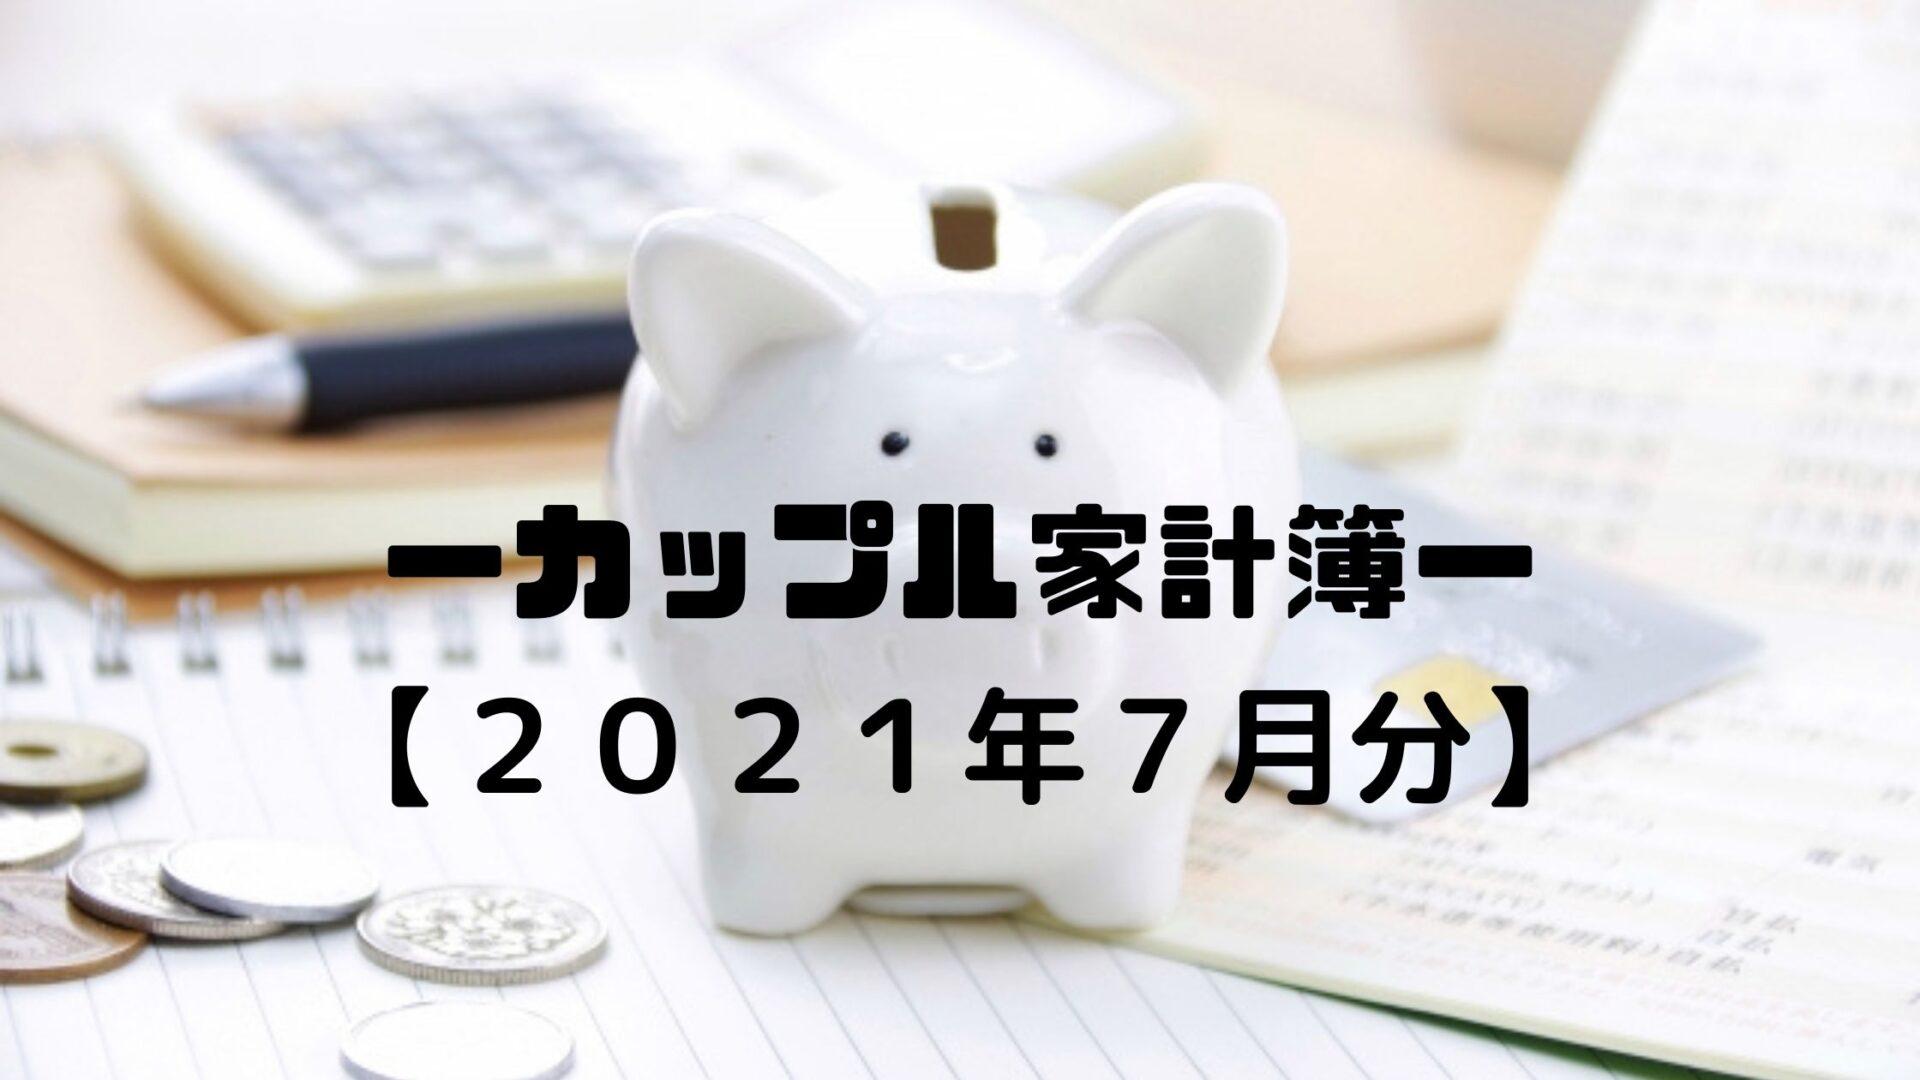 【カップル家計簿2021年7月分】やっぱりリゾバしてないとお金使っちゃう!